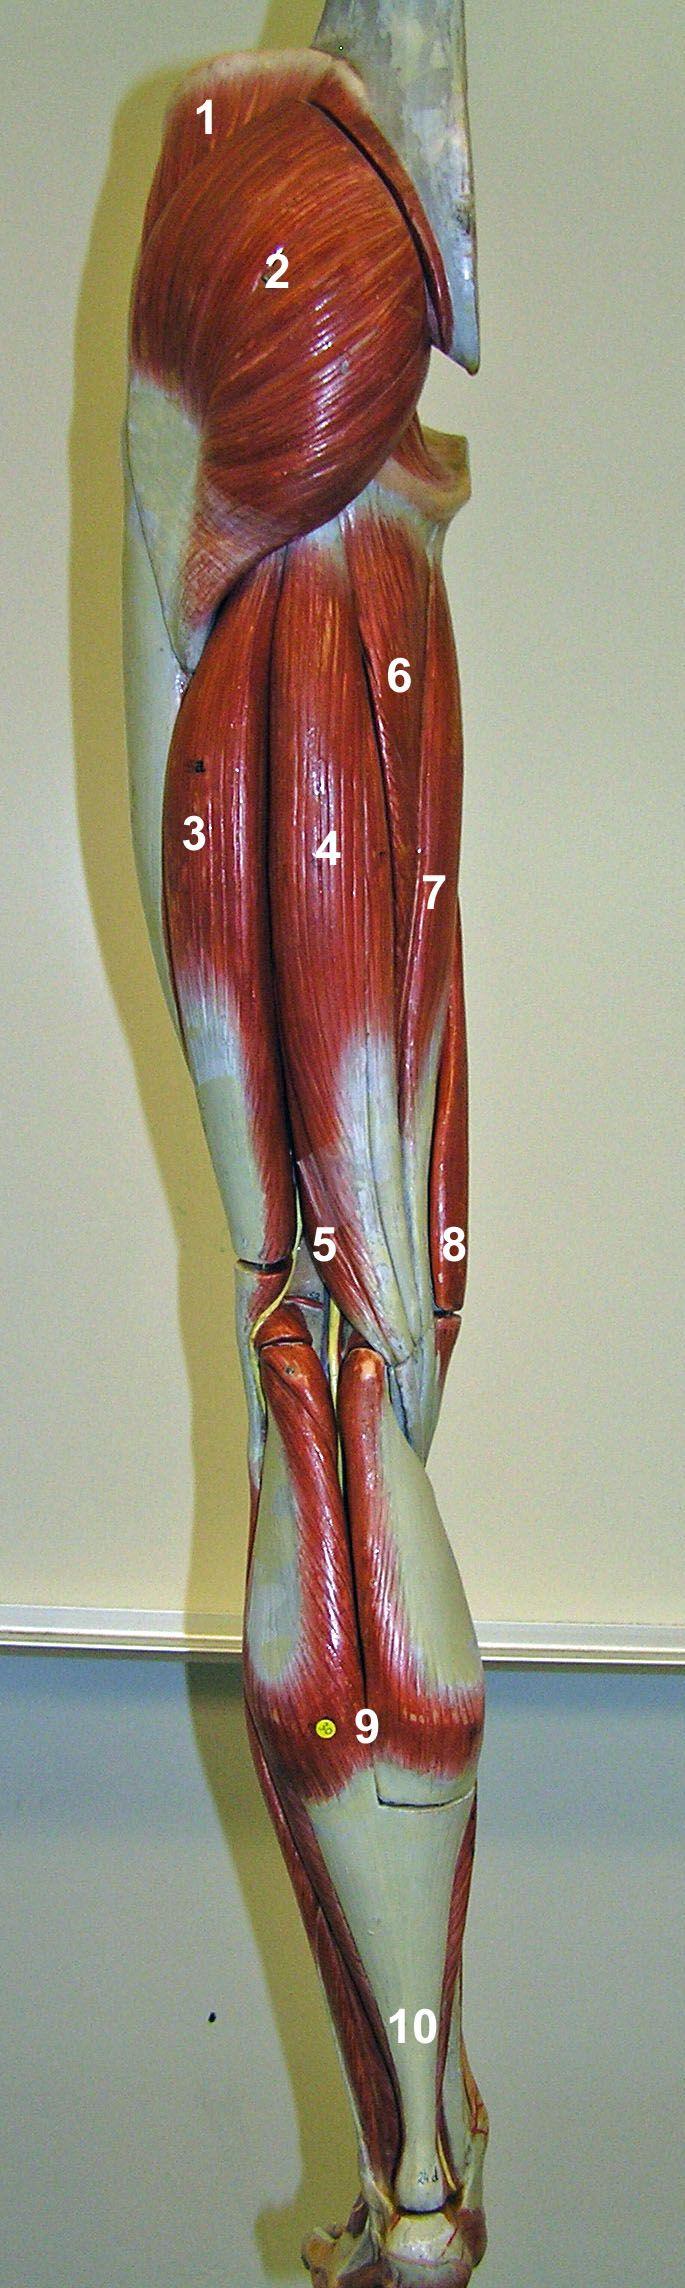 2 - Gluteus maximus 3 - Biceps femoris 4 - Semitendinosus 5 - Semimembranosus 6 - Adductor magnus 7 - Gracilis 8 - Sartorius 9 - Gastrocnemius (soleus is deep) 10 - Achilles (calcaneal) tendon